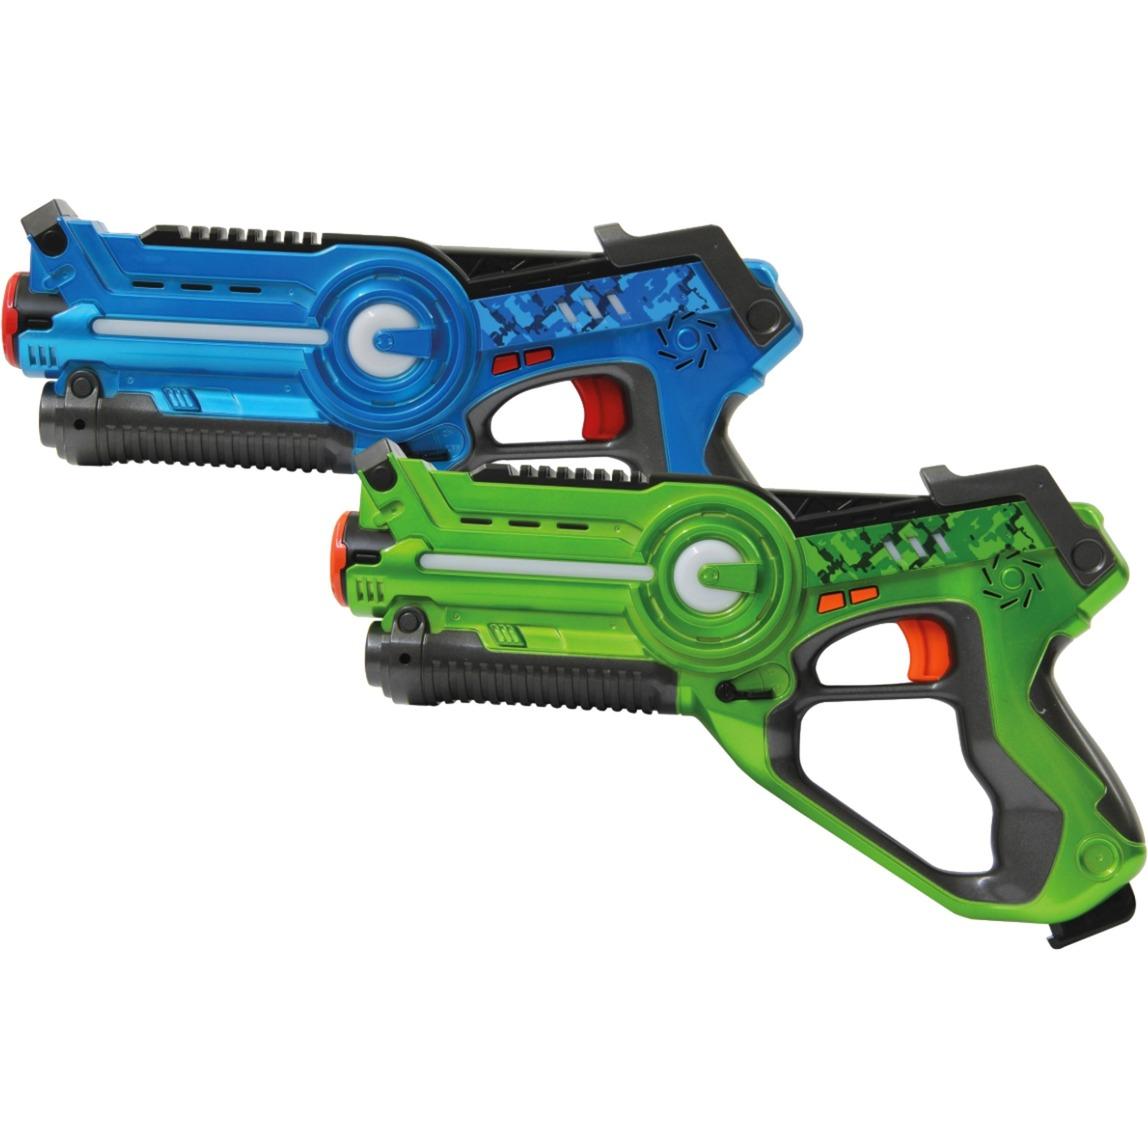 410036 Pistola de juguete arma de juguete, Juego de destreza